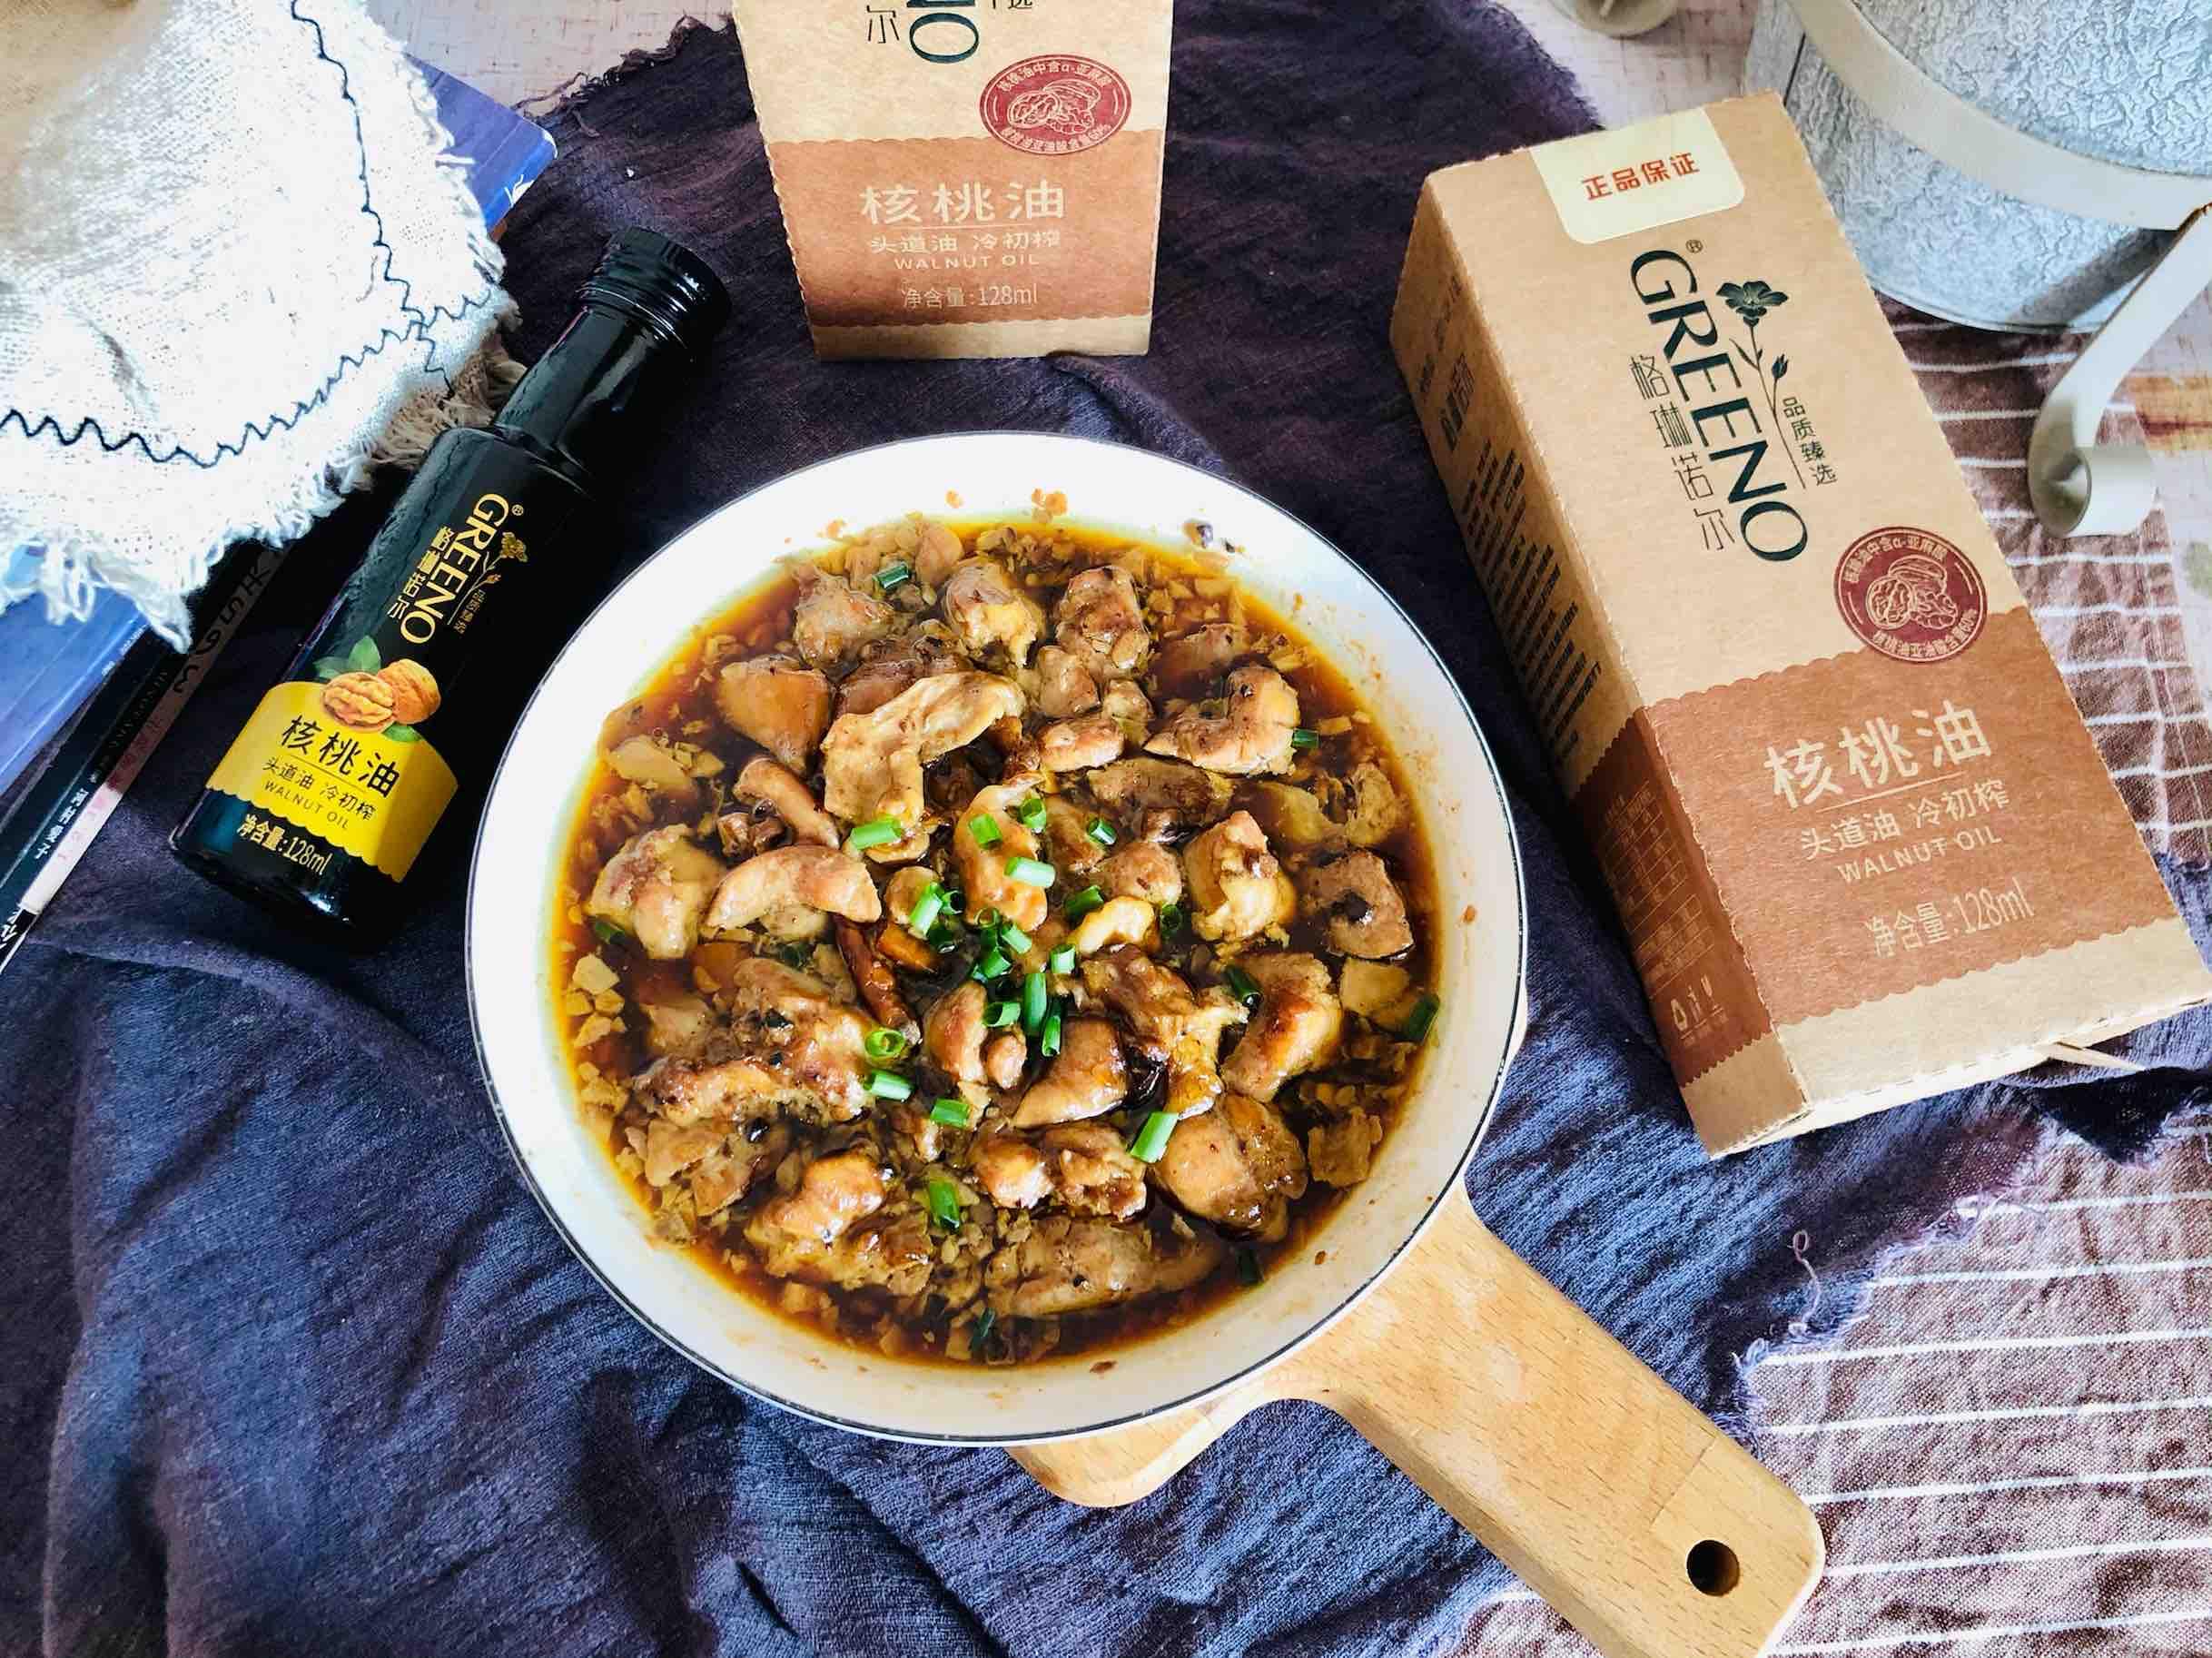 炒菜吃腻了,那就来道豆豉蒸滑鸡吧,简单快手营养不流失成品图